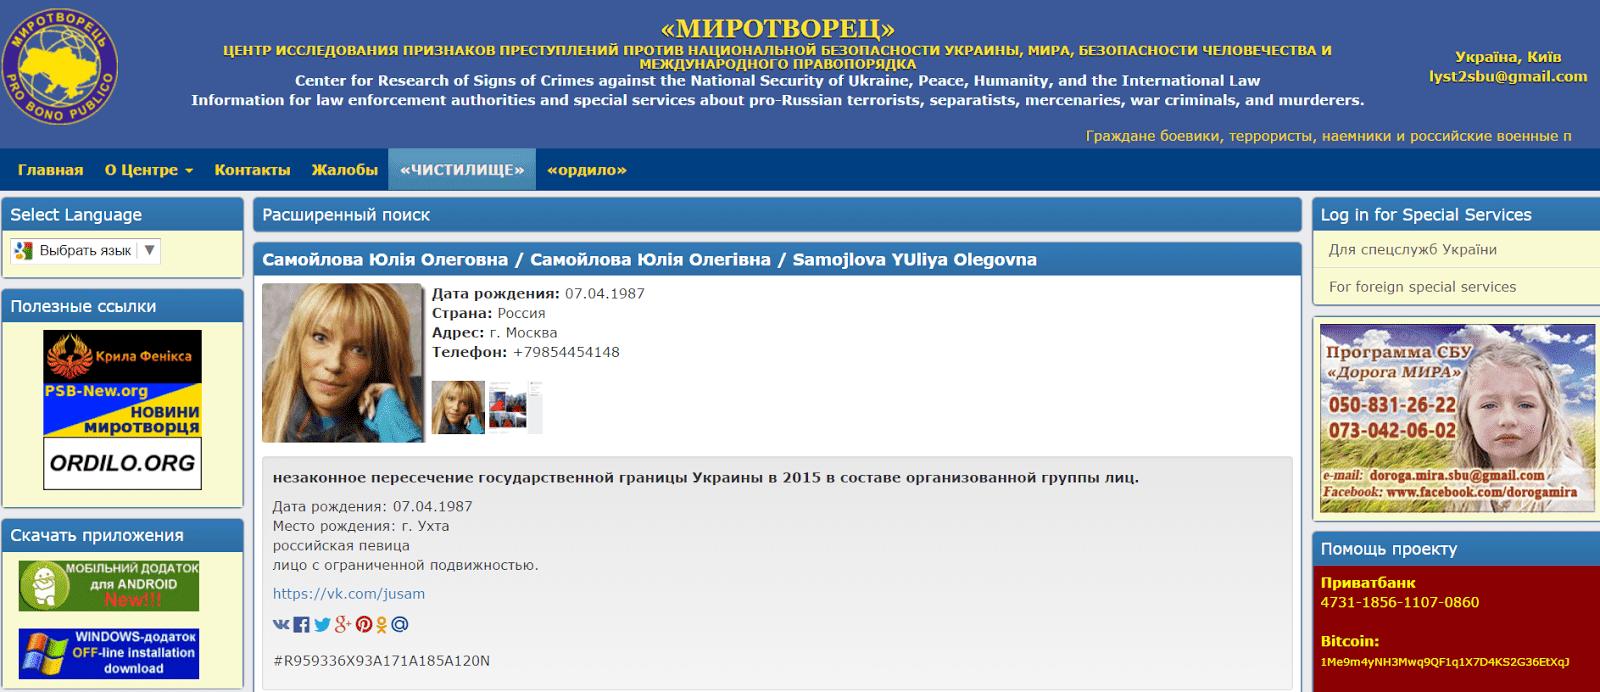 Россия отправляет на Евровидение-2017 певицу, поддержавшую в 2014 году военную оккупацию Украины - Новости Украины